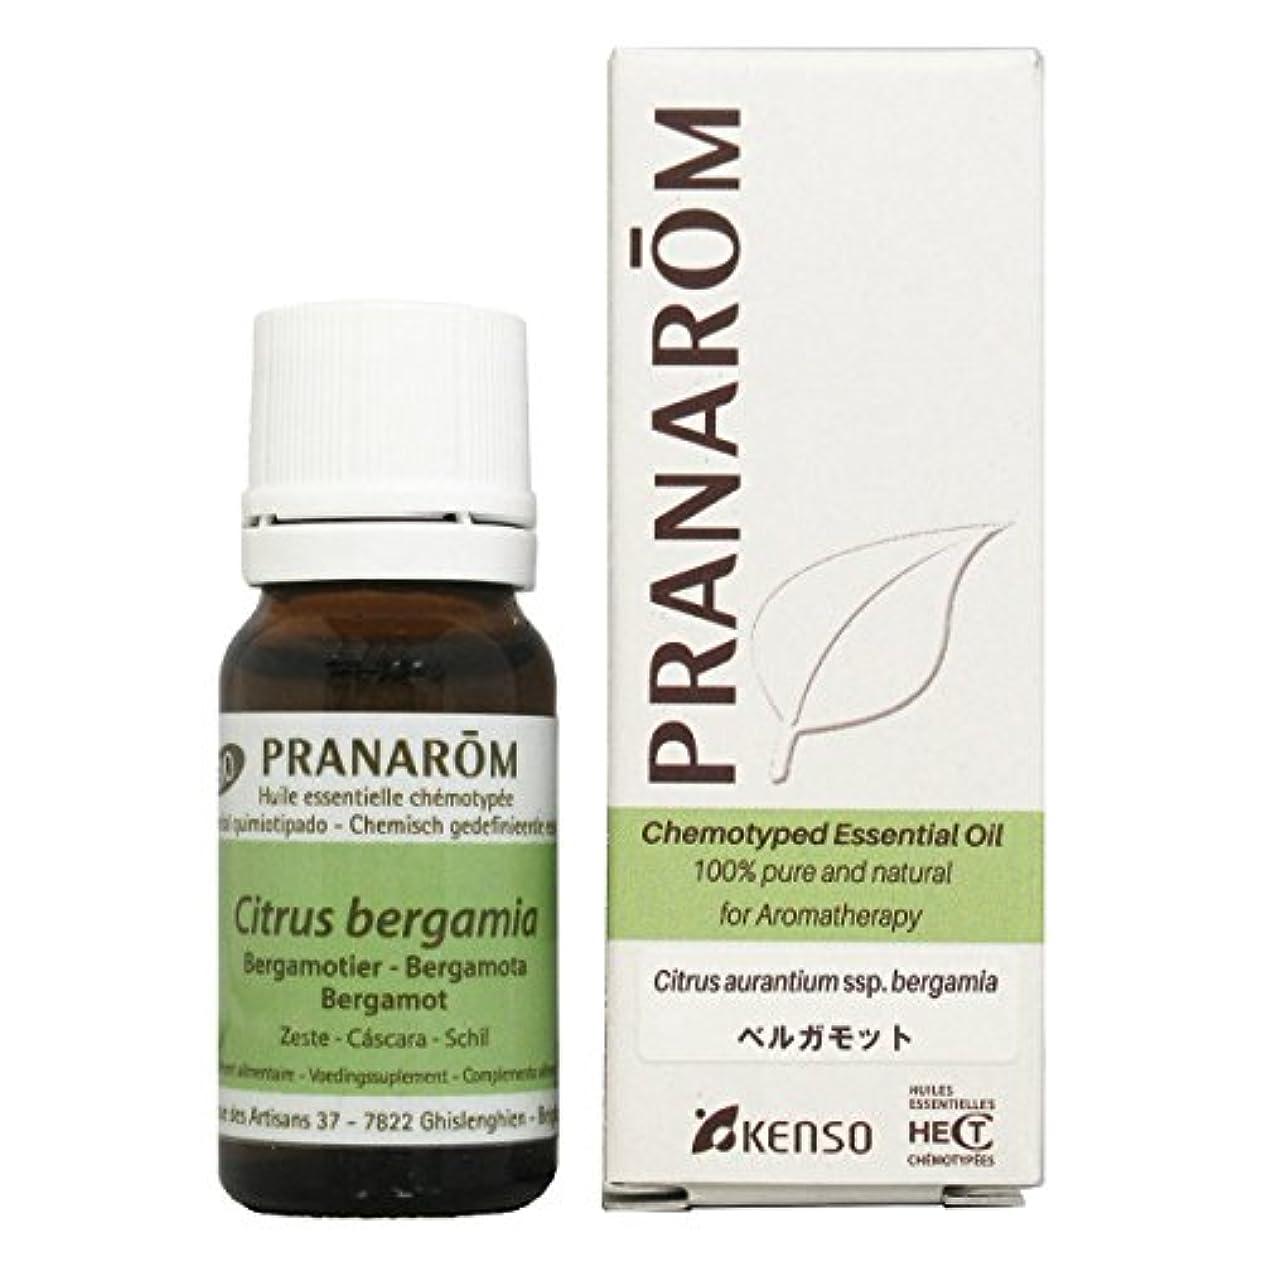 抜粋物足りない確認してくださいプラナロム ベルガモット 10ml (PRANAROM ケモタイプ精油)